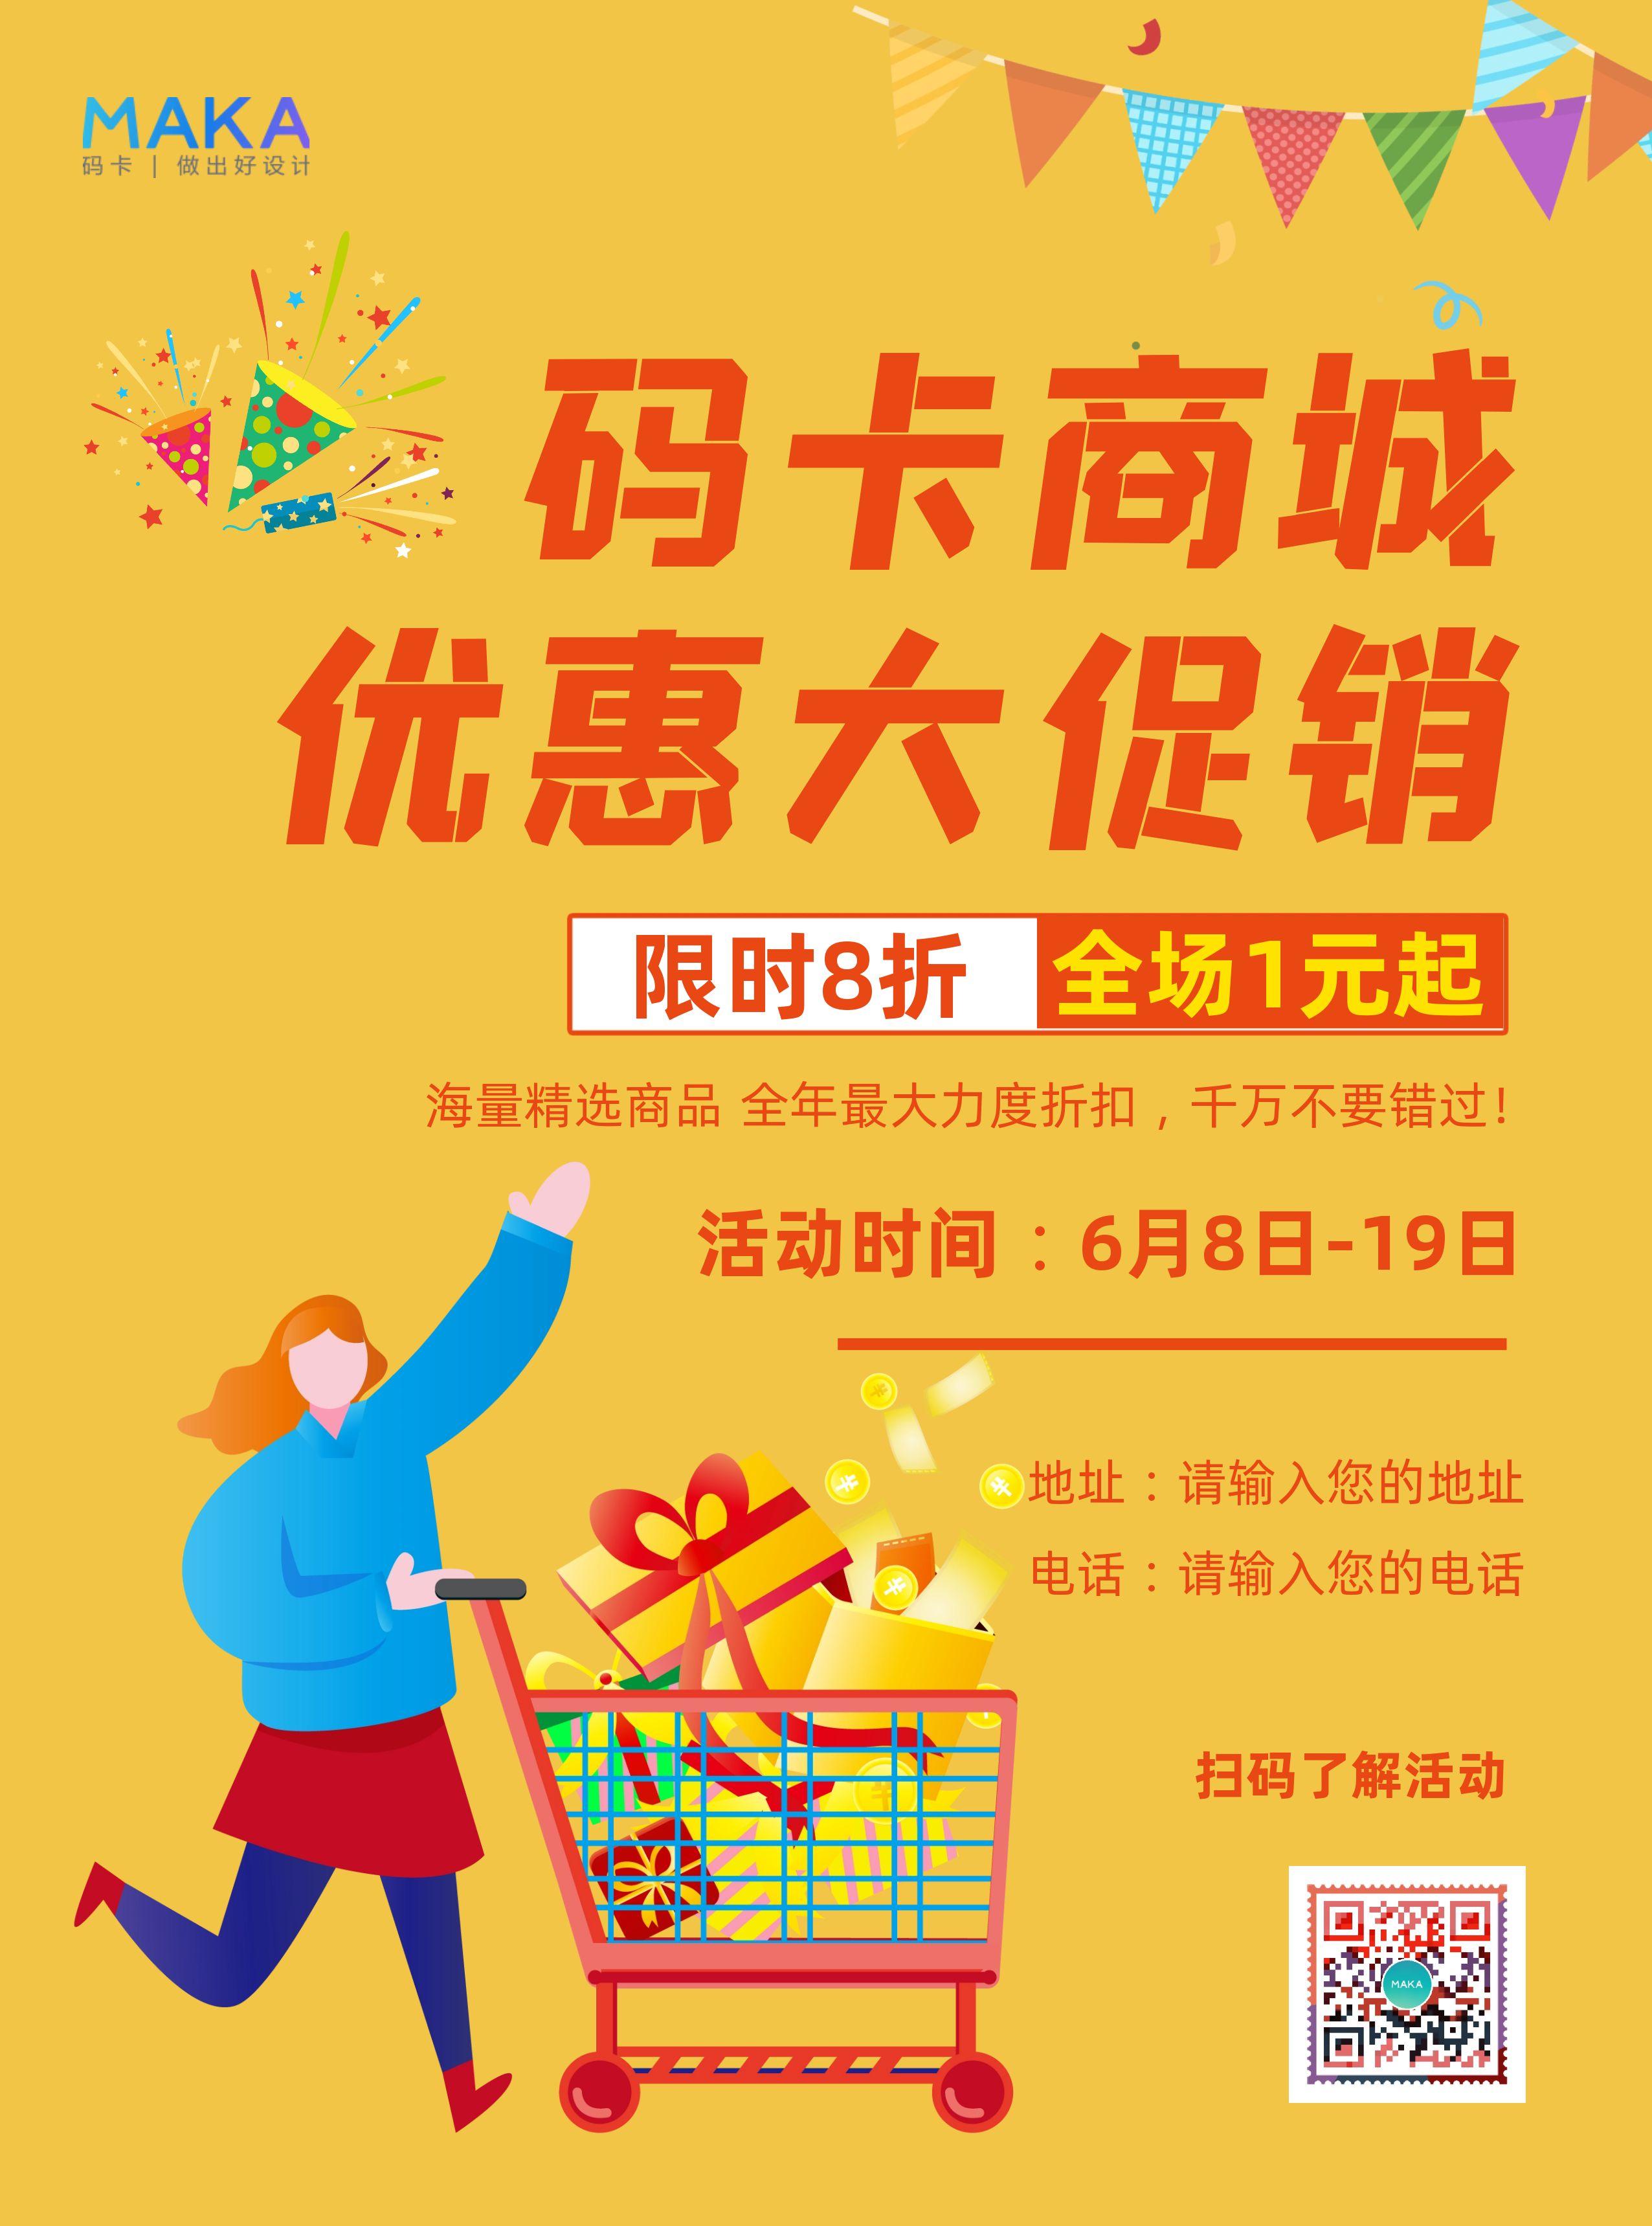 黄色扁平插画风商城/超市优惠活动大促销通知宣传推广宣传单